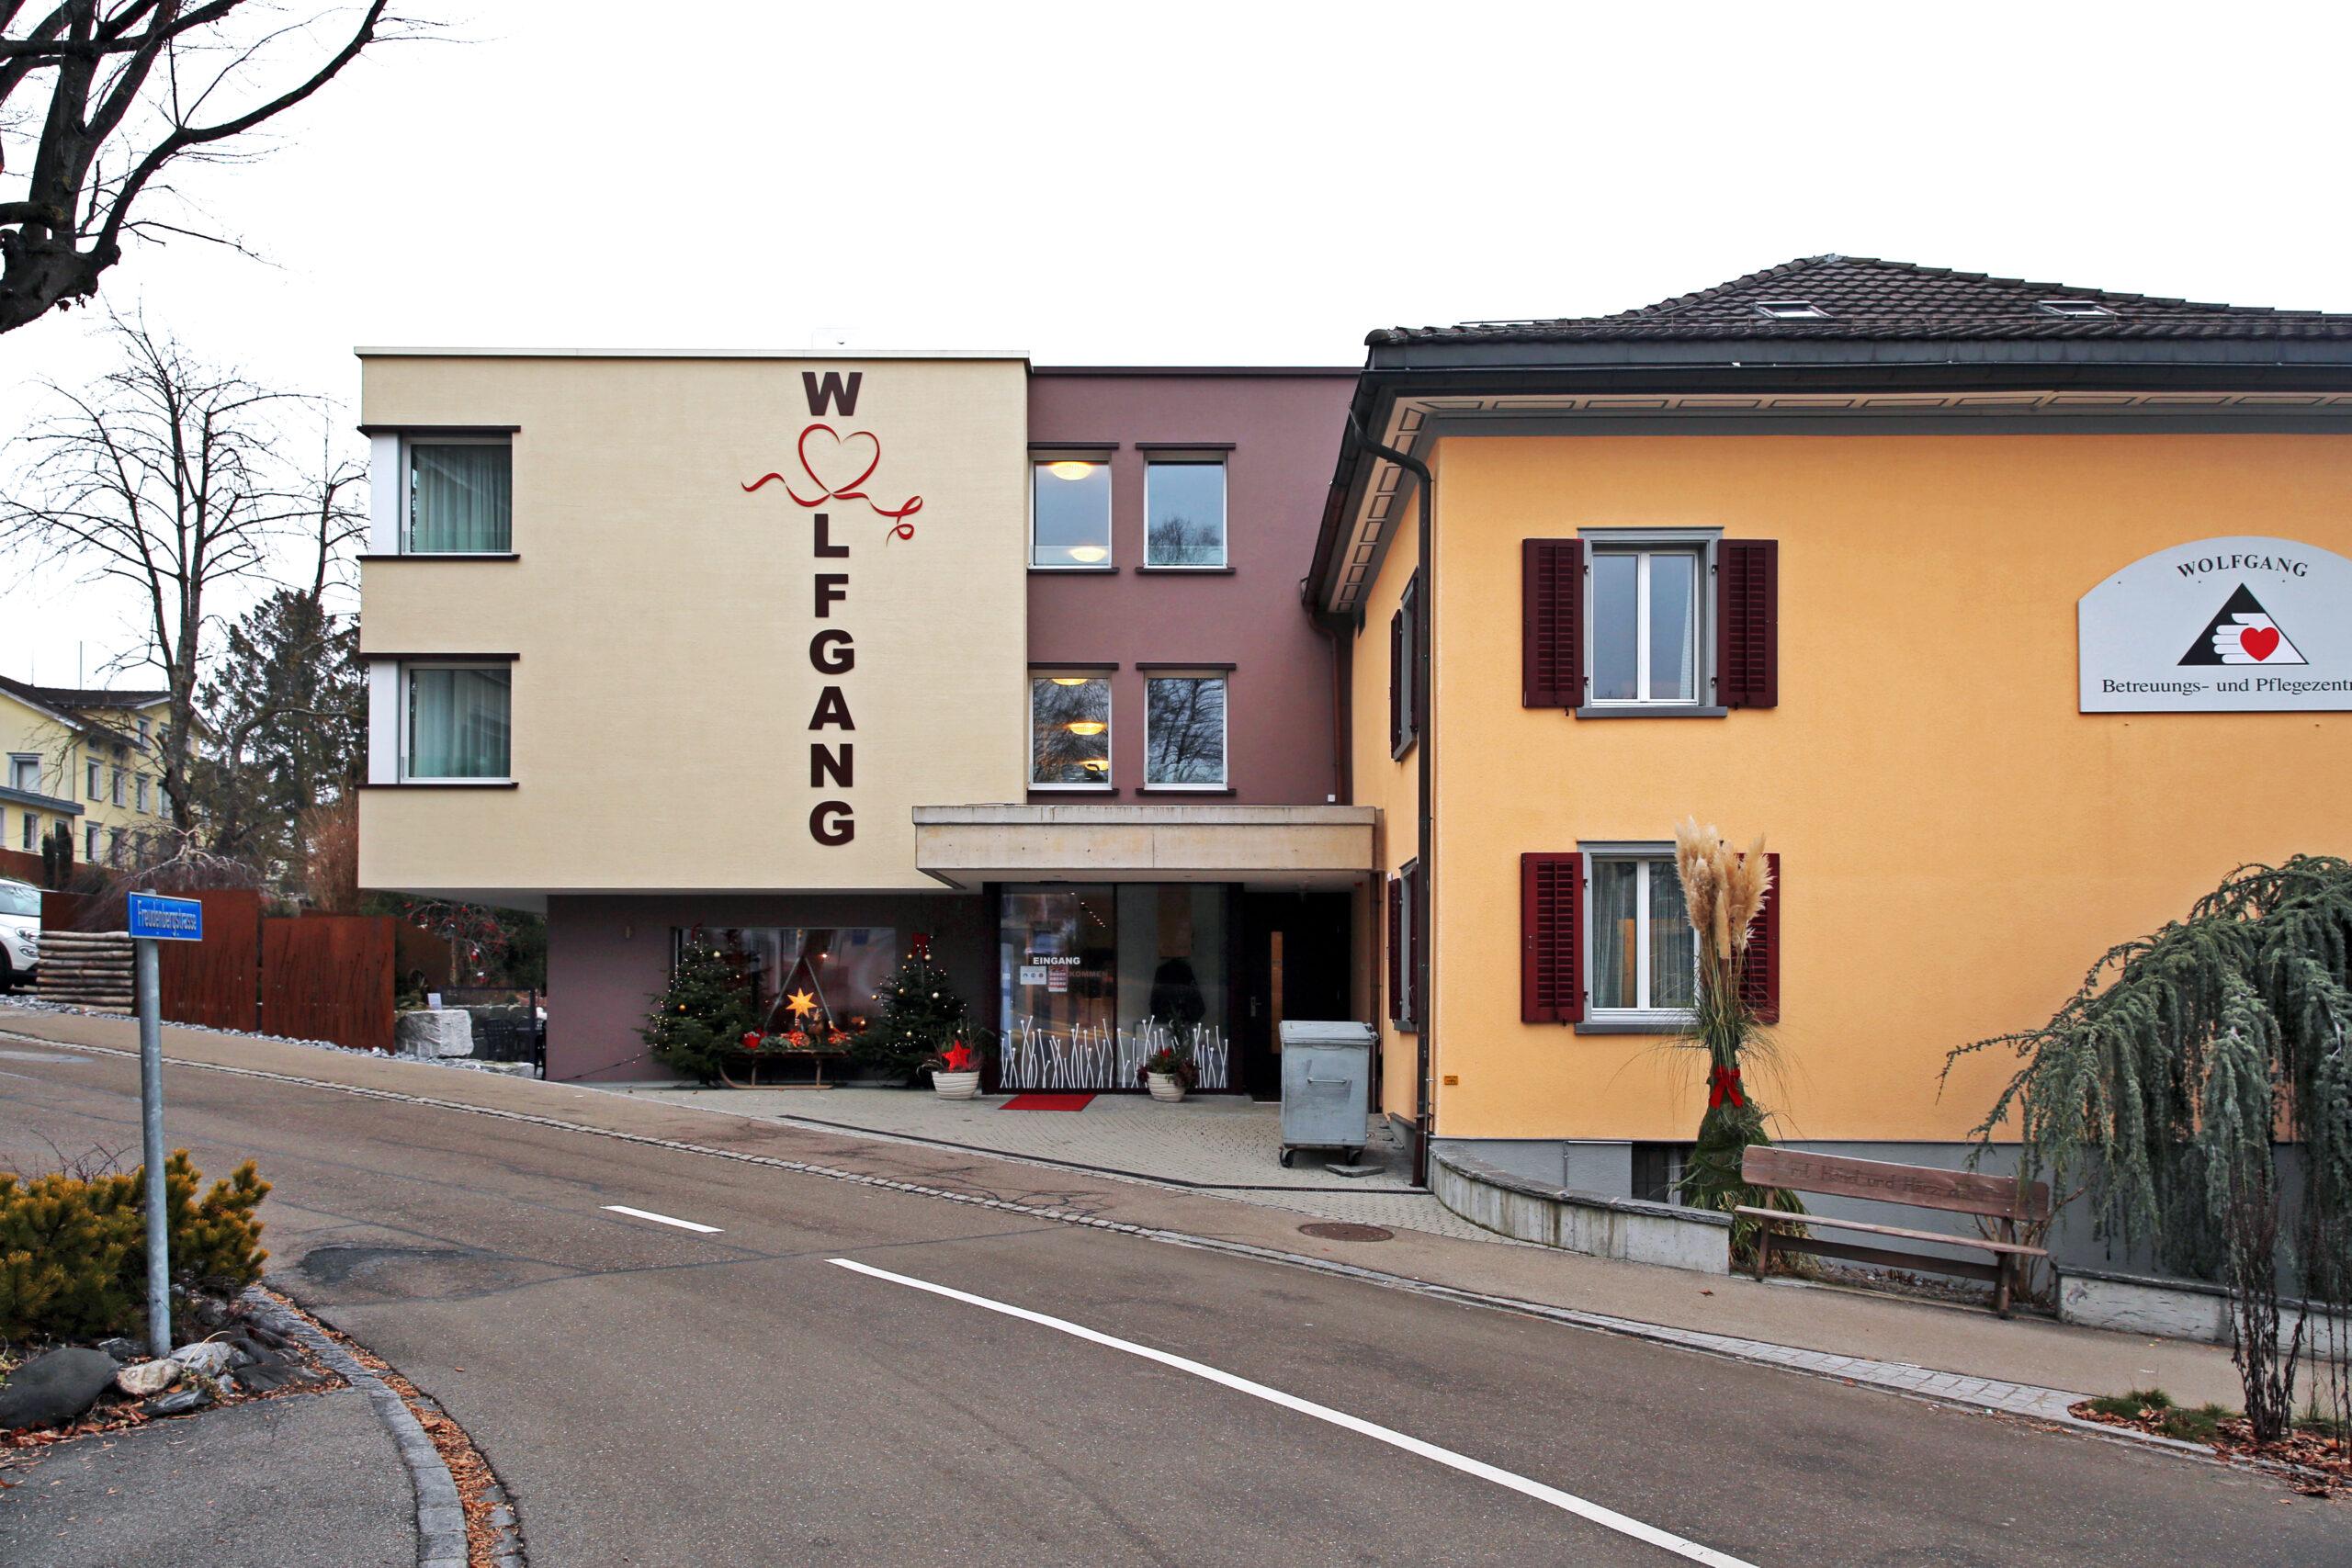 Erweiterung Betreuungs- und Pflegezentrum Wolfgang Oberuzwil